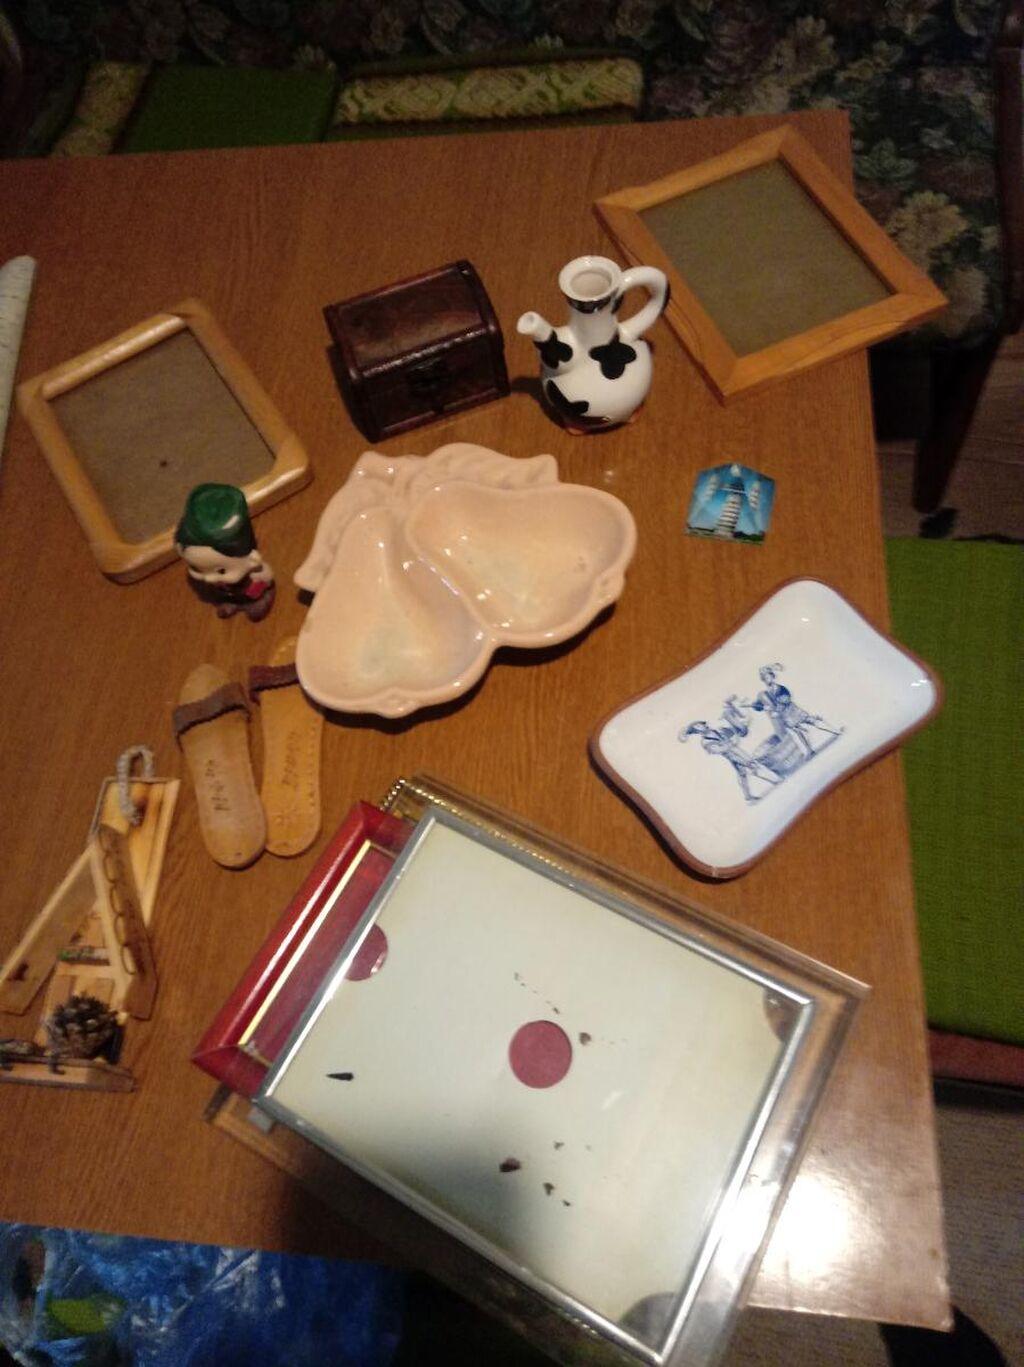 """4 rama za slike, kutijica za nakit ,posudica keramicka u obliku kruske za grickalce,piksla keramicka unikatna,figurica seljak""""kucica za kljuceve,dve nanule ukrasne,bokal mali kravica i piramida staklena krivi toranj"""